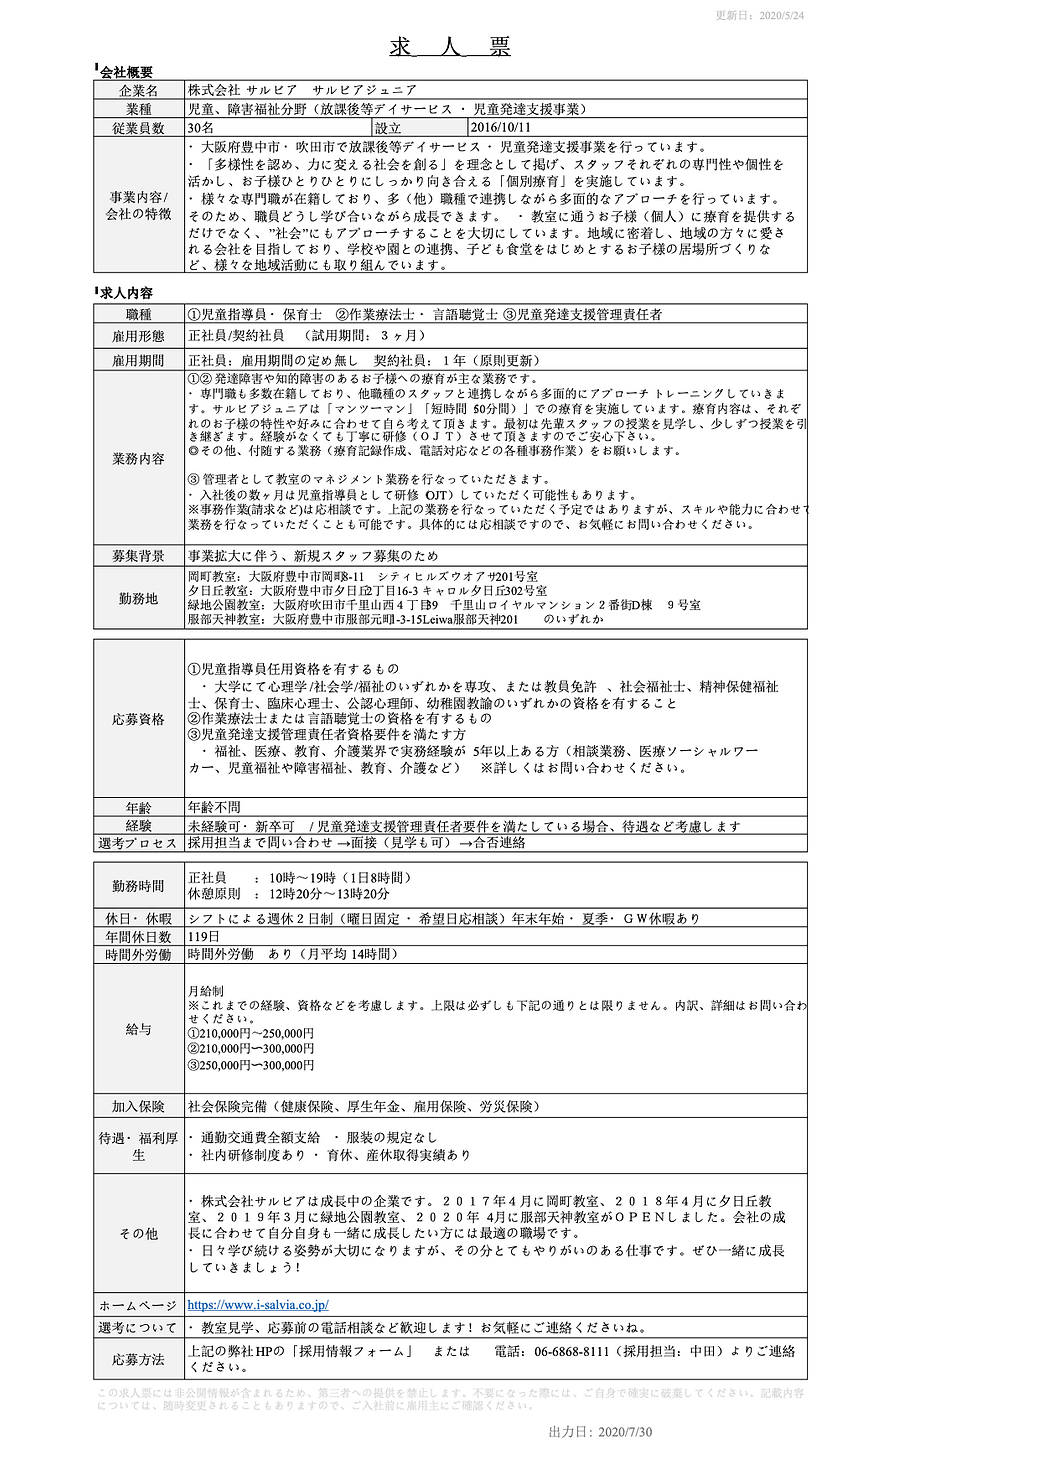 2020株式会社サルビア 求人票  - HP用 (8).png